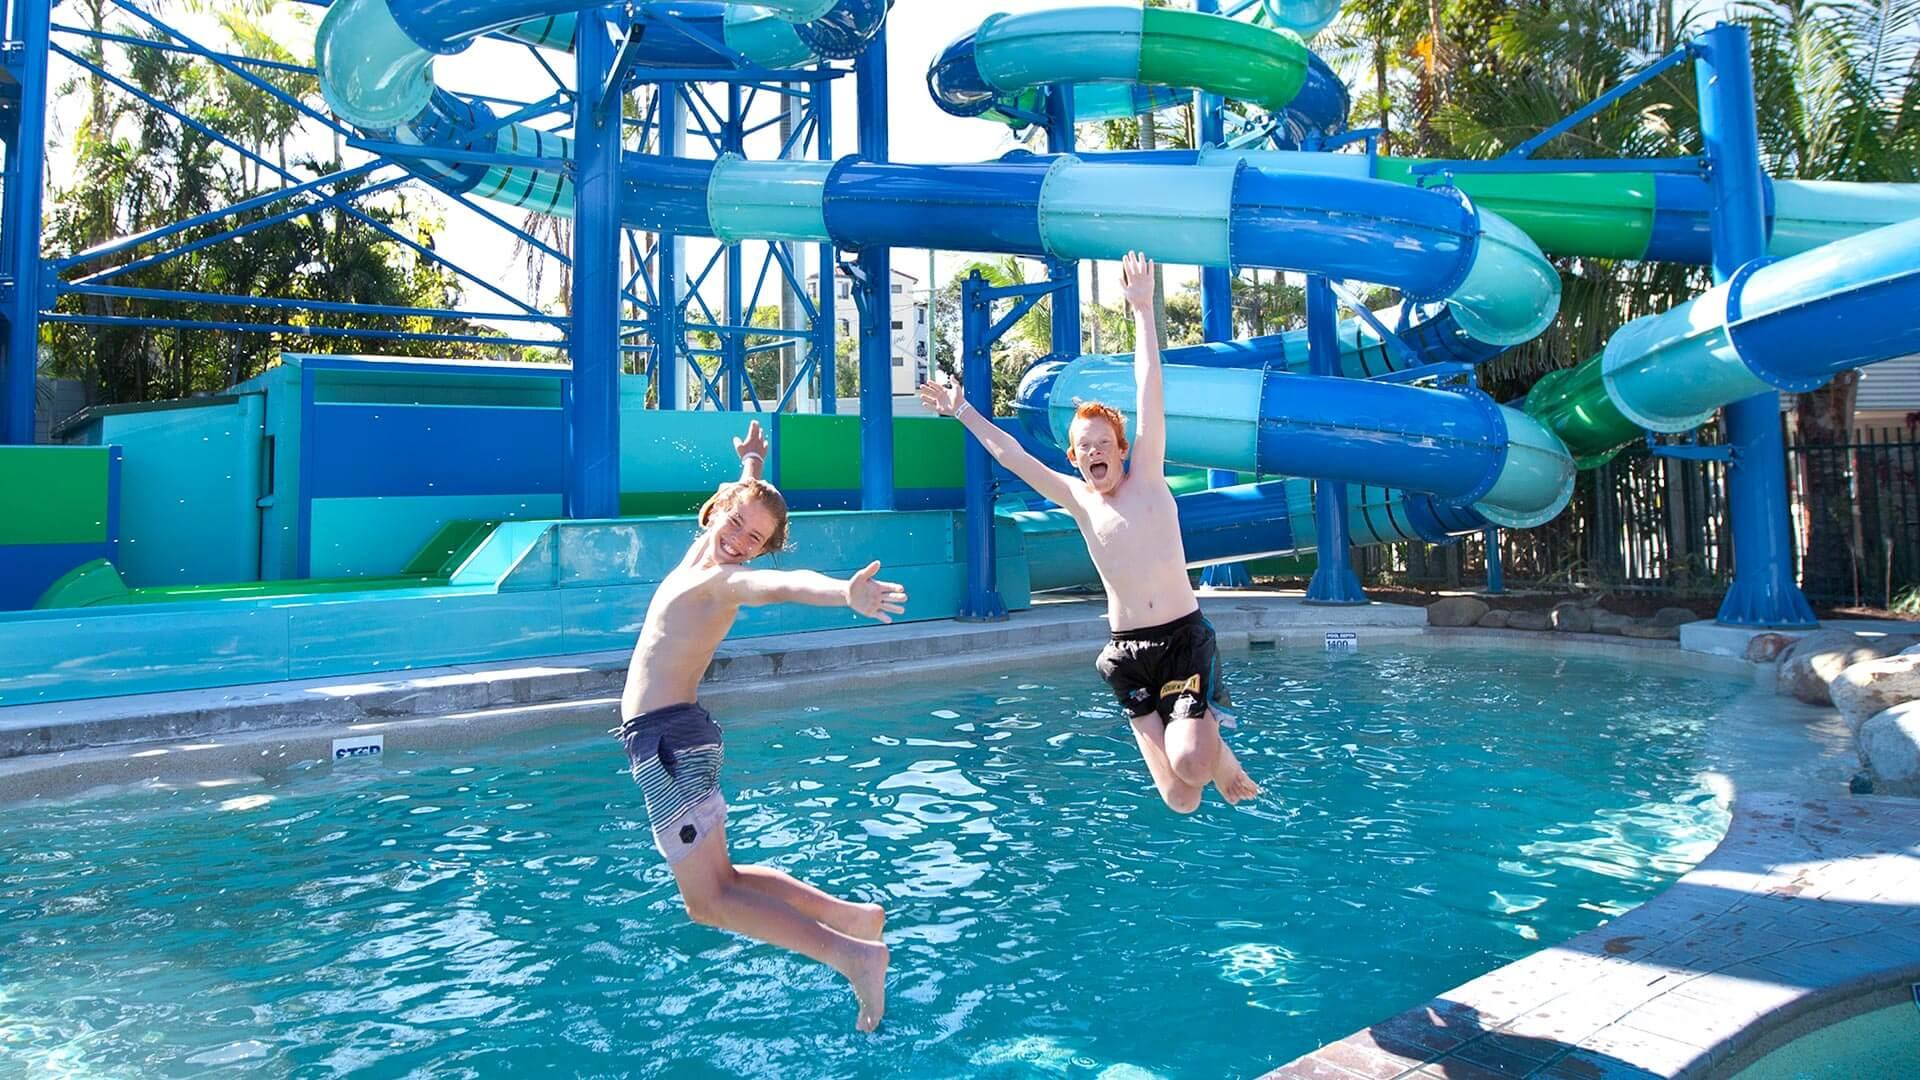 Water slide at North Star Holiday Resort